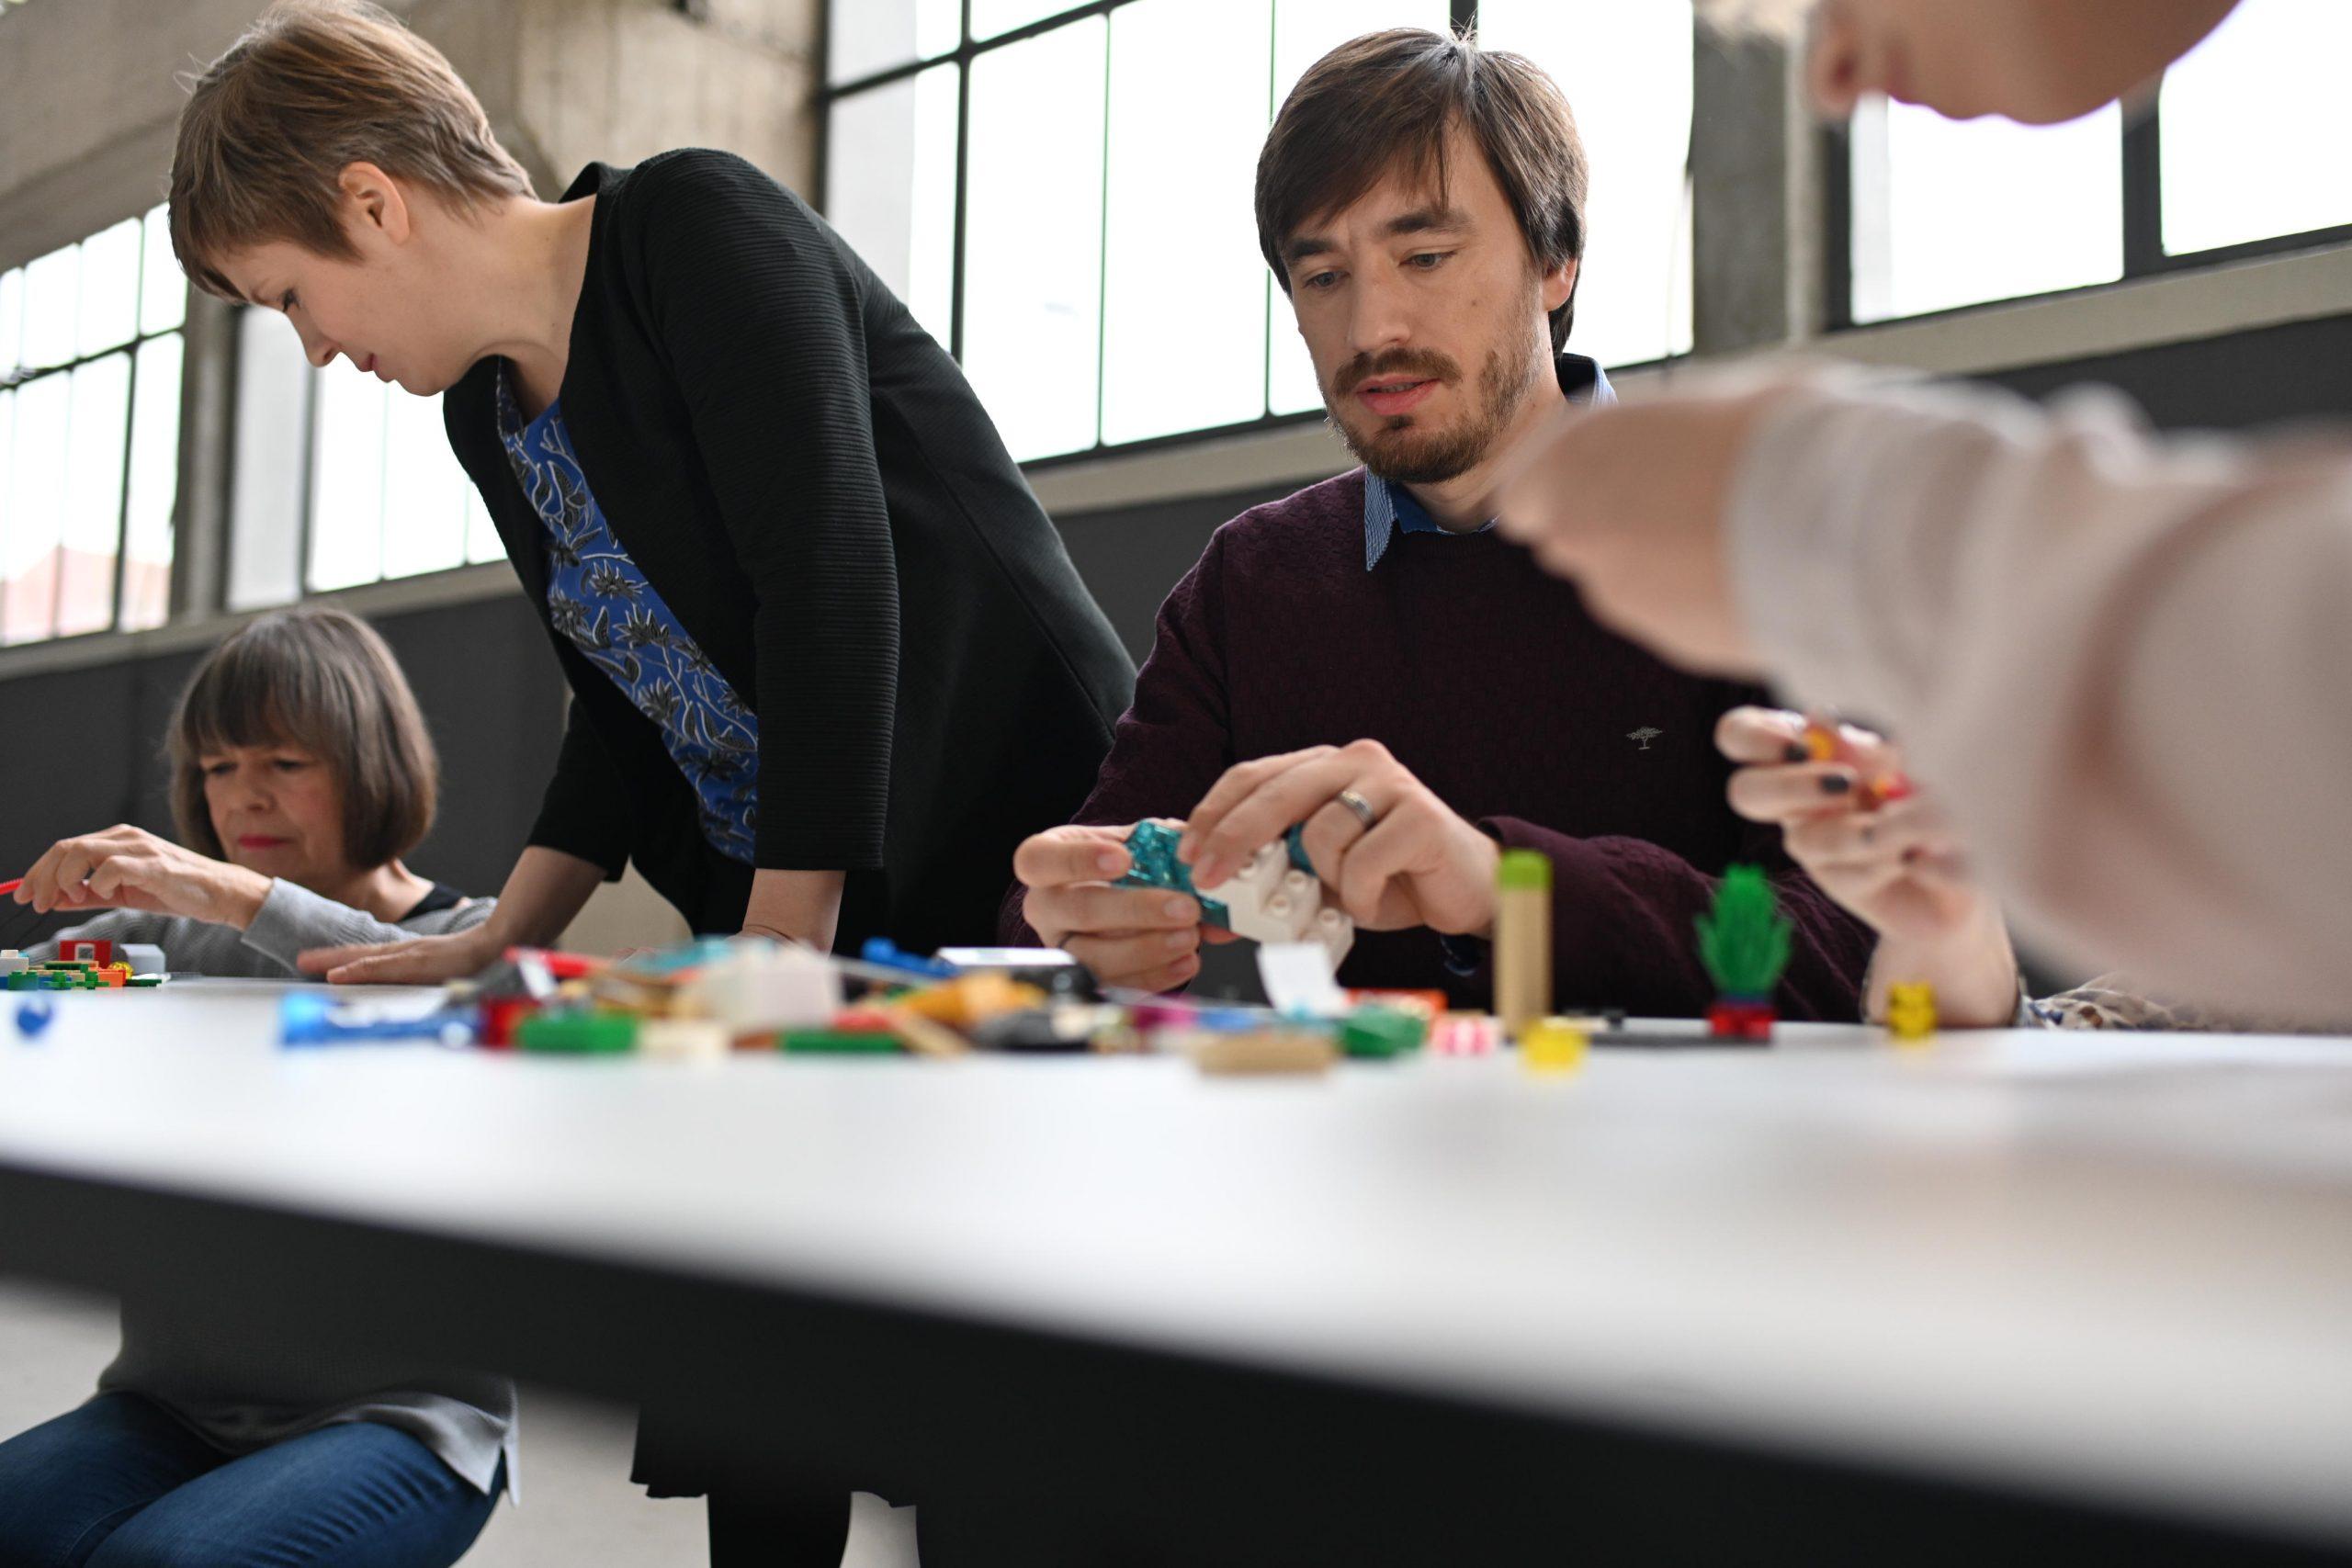 Teilnehmer im Teamworkshop arbeiten mit Lego